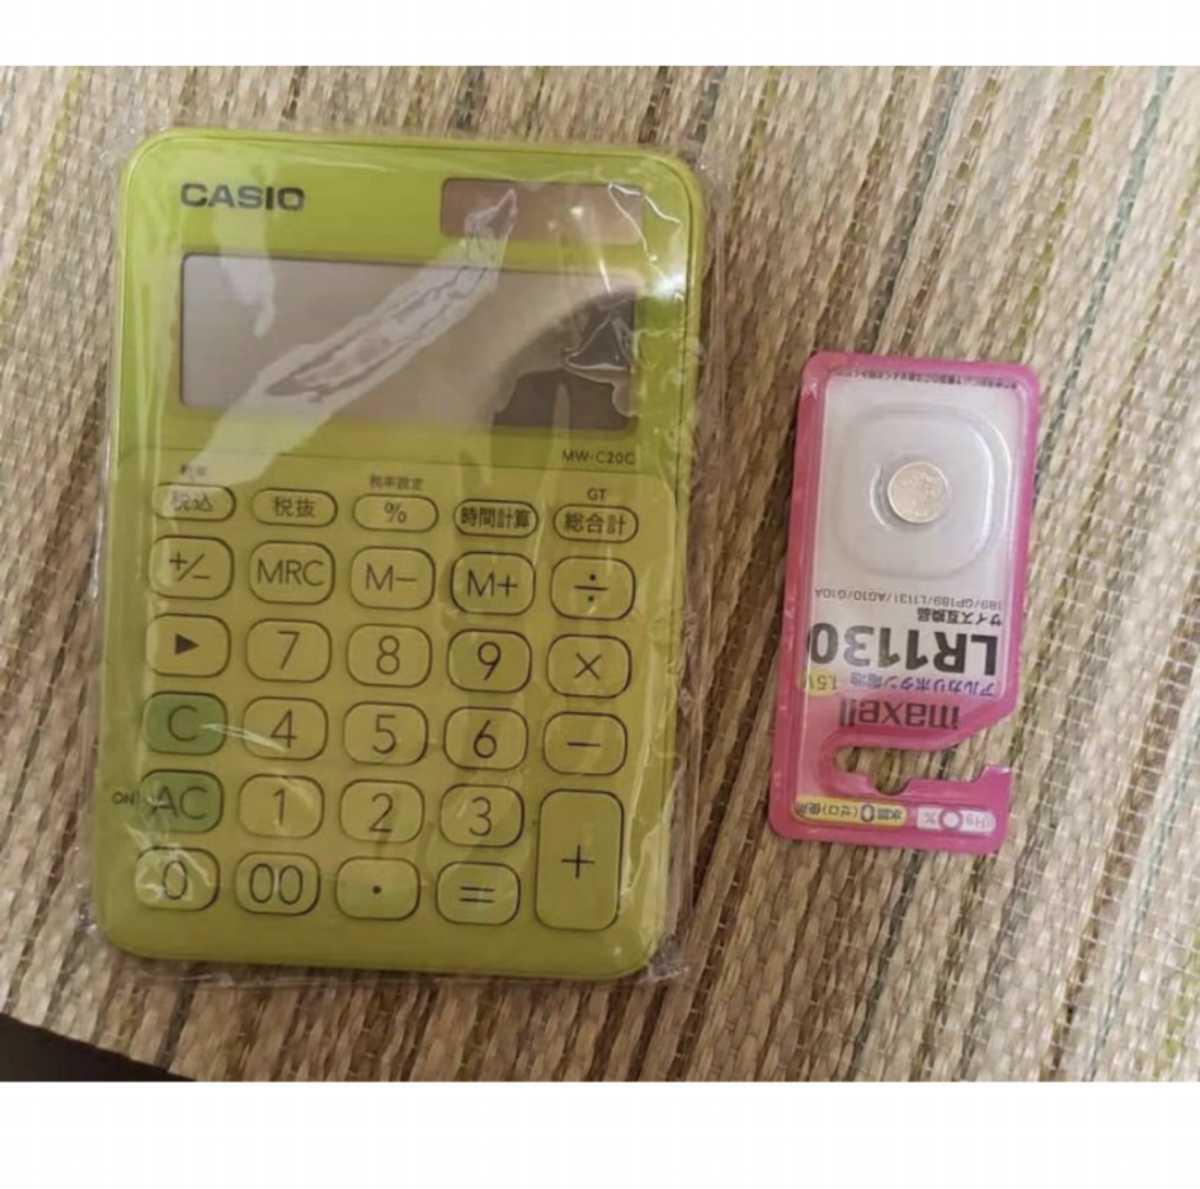 CASIO カシオ 電卓CASIO カシオ カシオ電卓 計算機